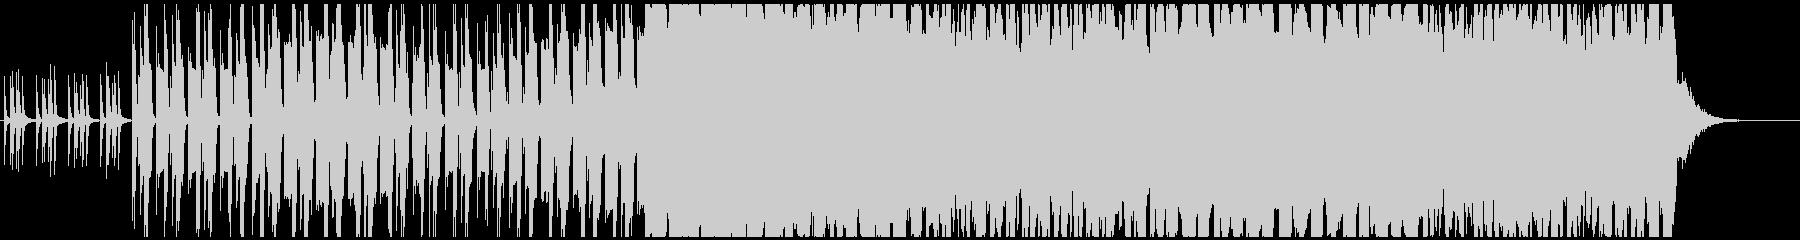 全体的に暗いイメージの未再生の波形